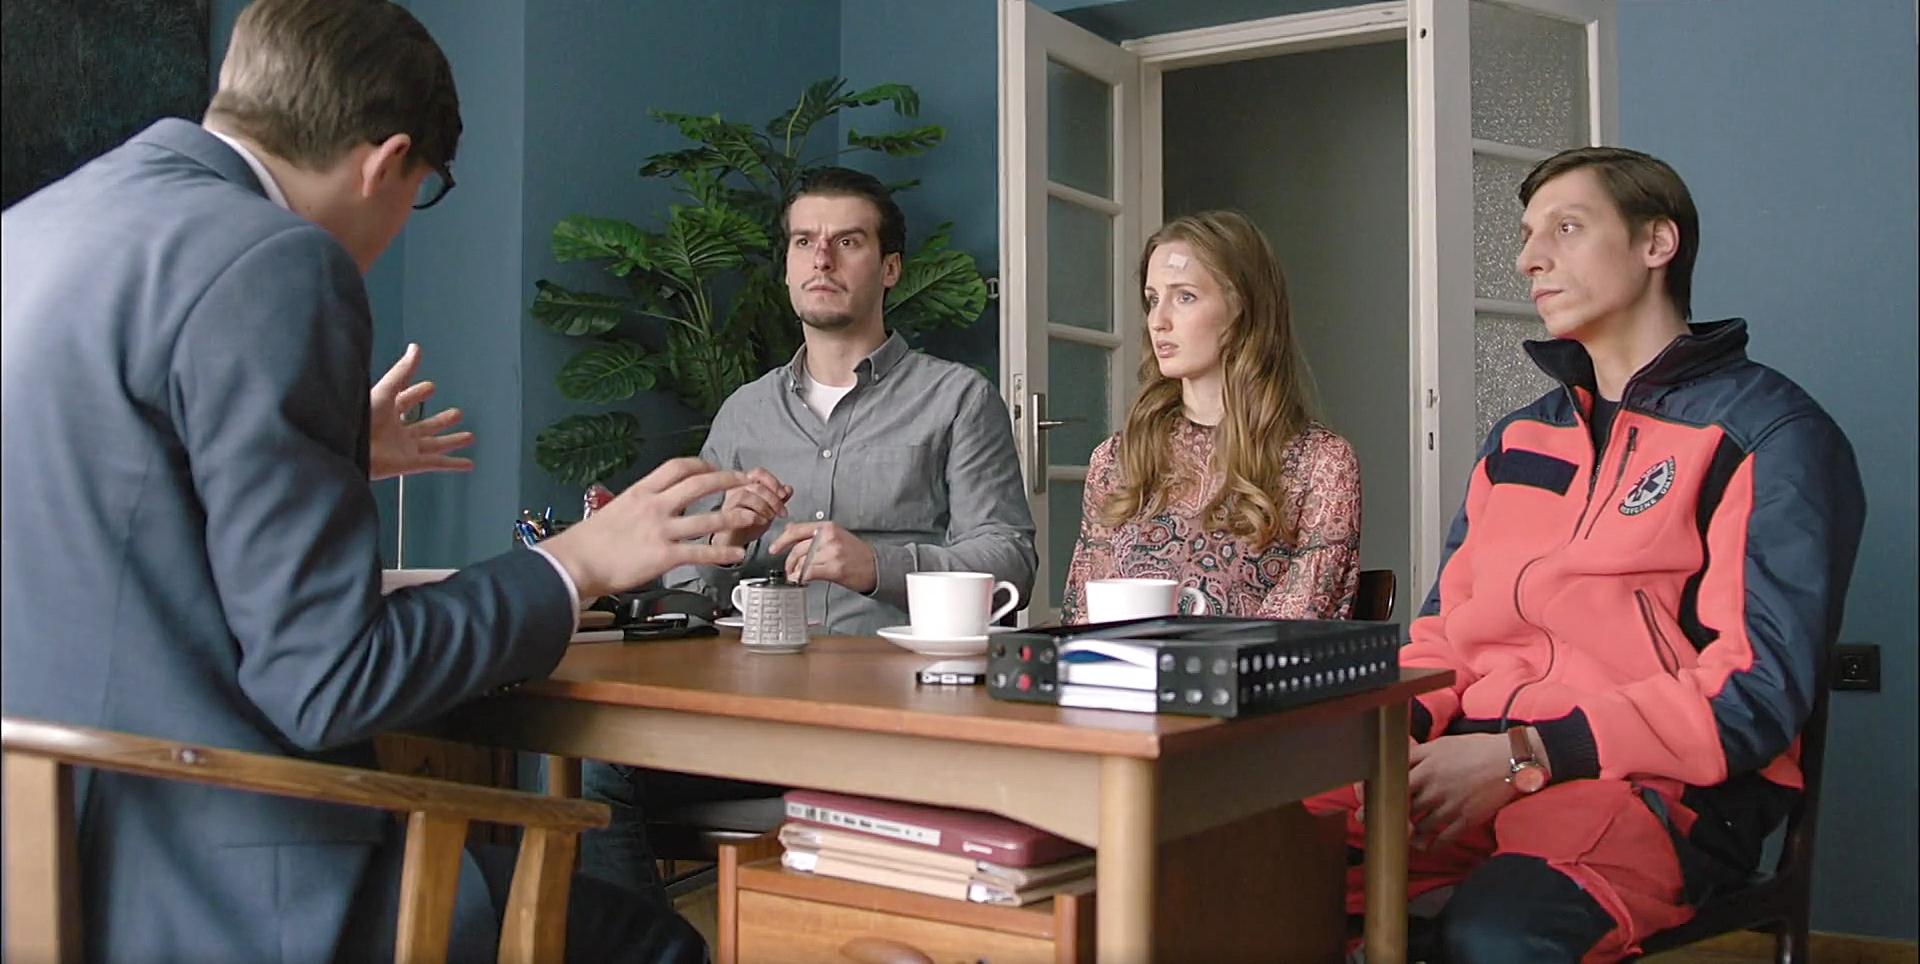 Klaudia Belcik, Eryk Kulm, and Szymon Nygard in Episode #12.9 (2020)